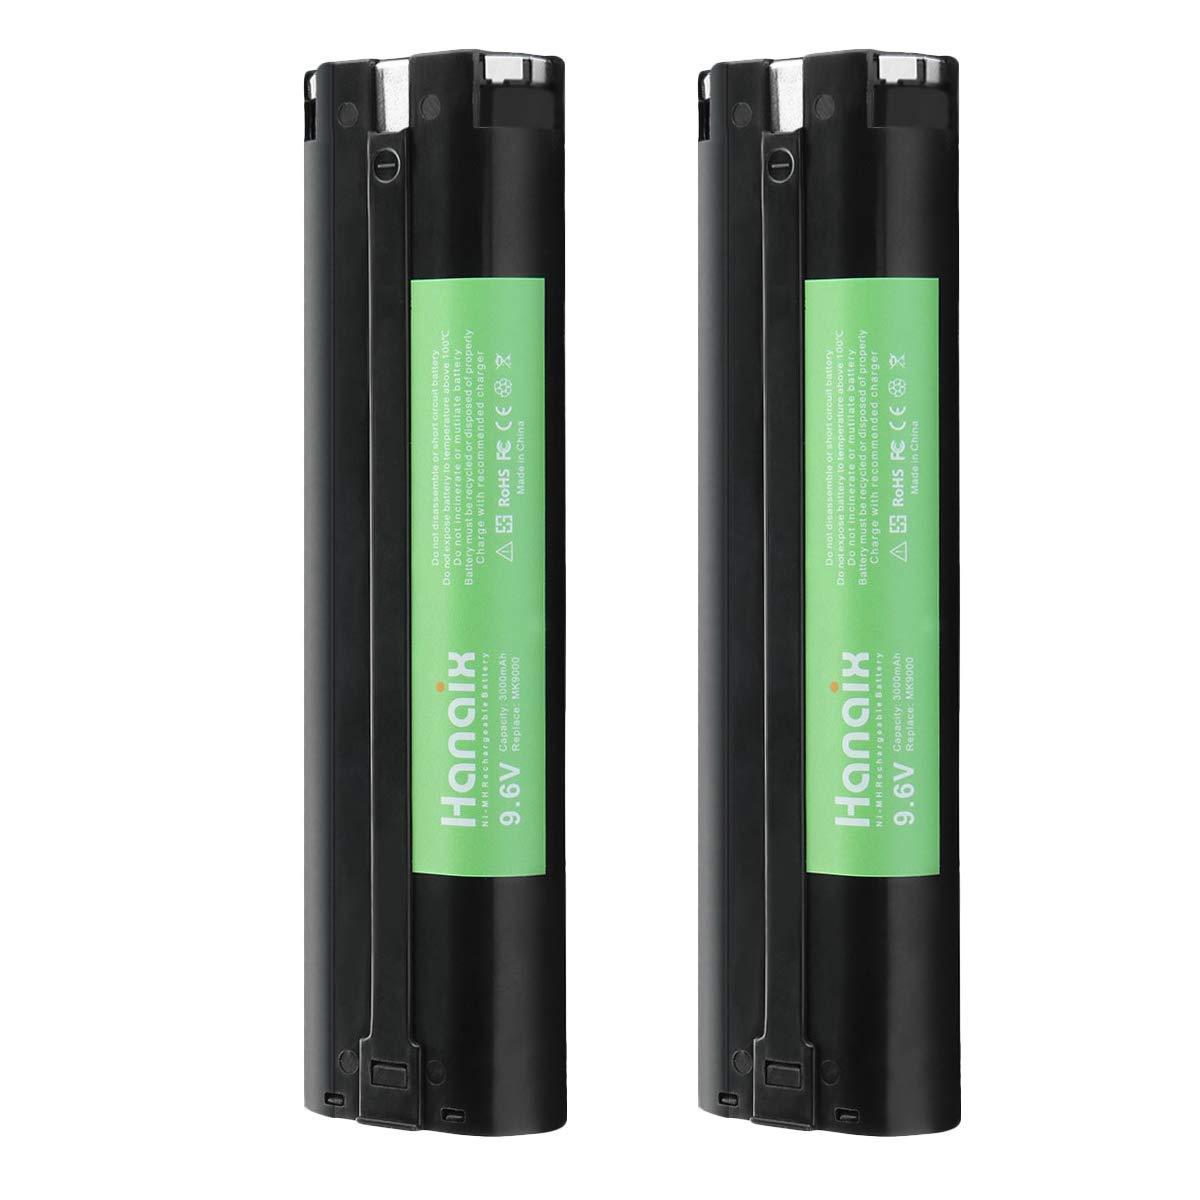 9001 Batterie 3000 mAh 9.6 V Ni-MH pour Makita 632007-4 9600 9034 9033 9002 9000